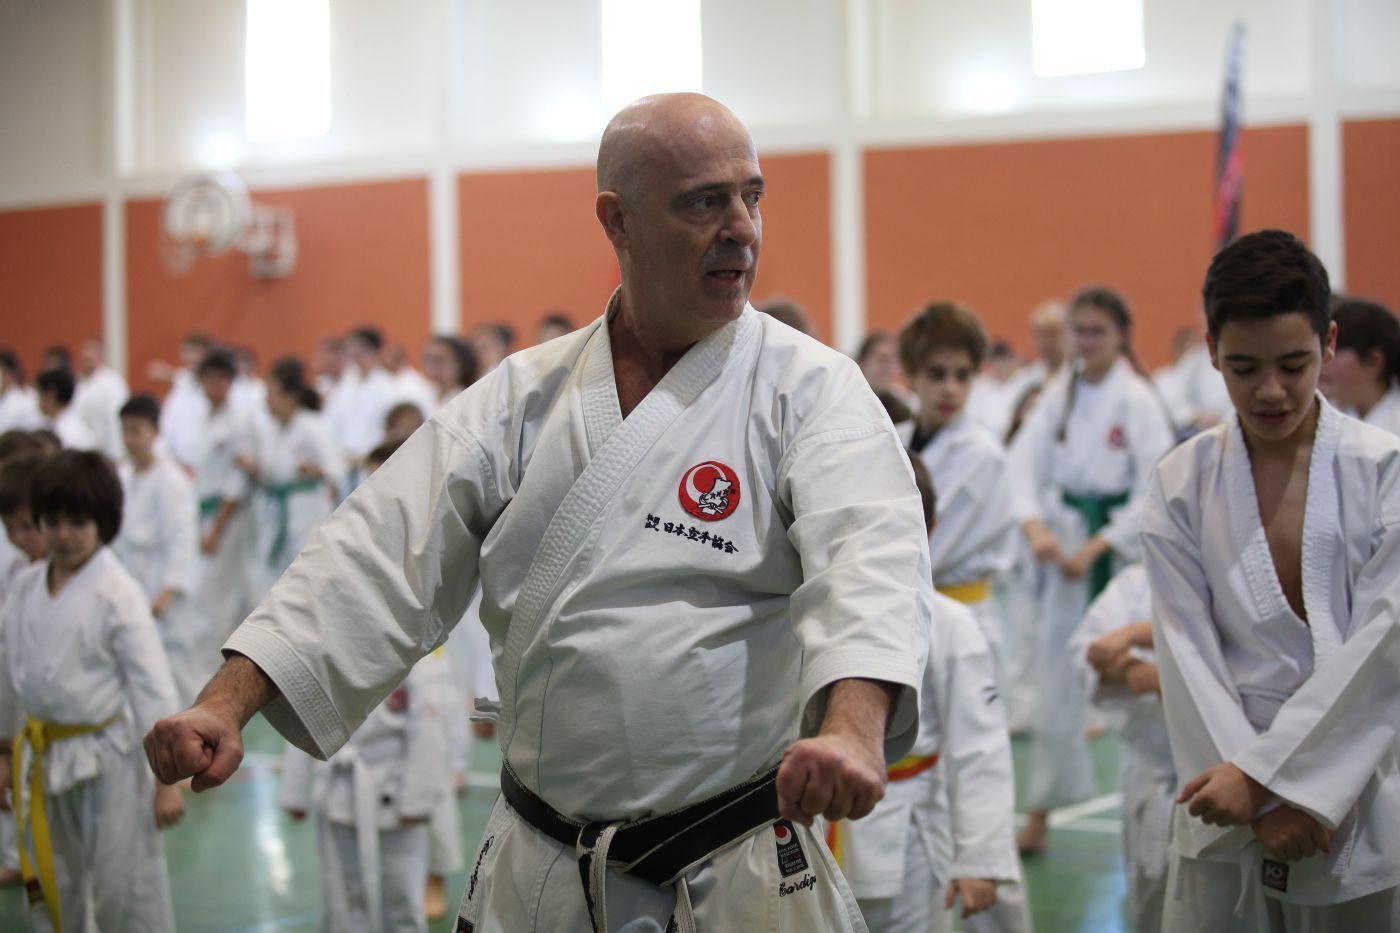 Mestre João Cardiga